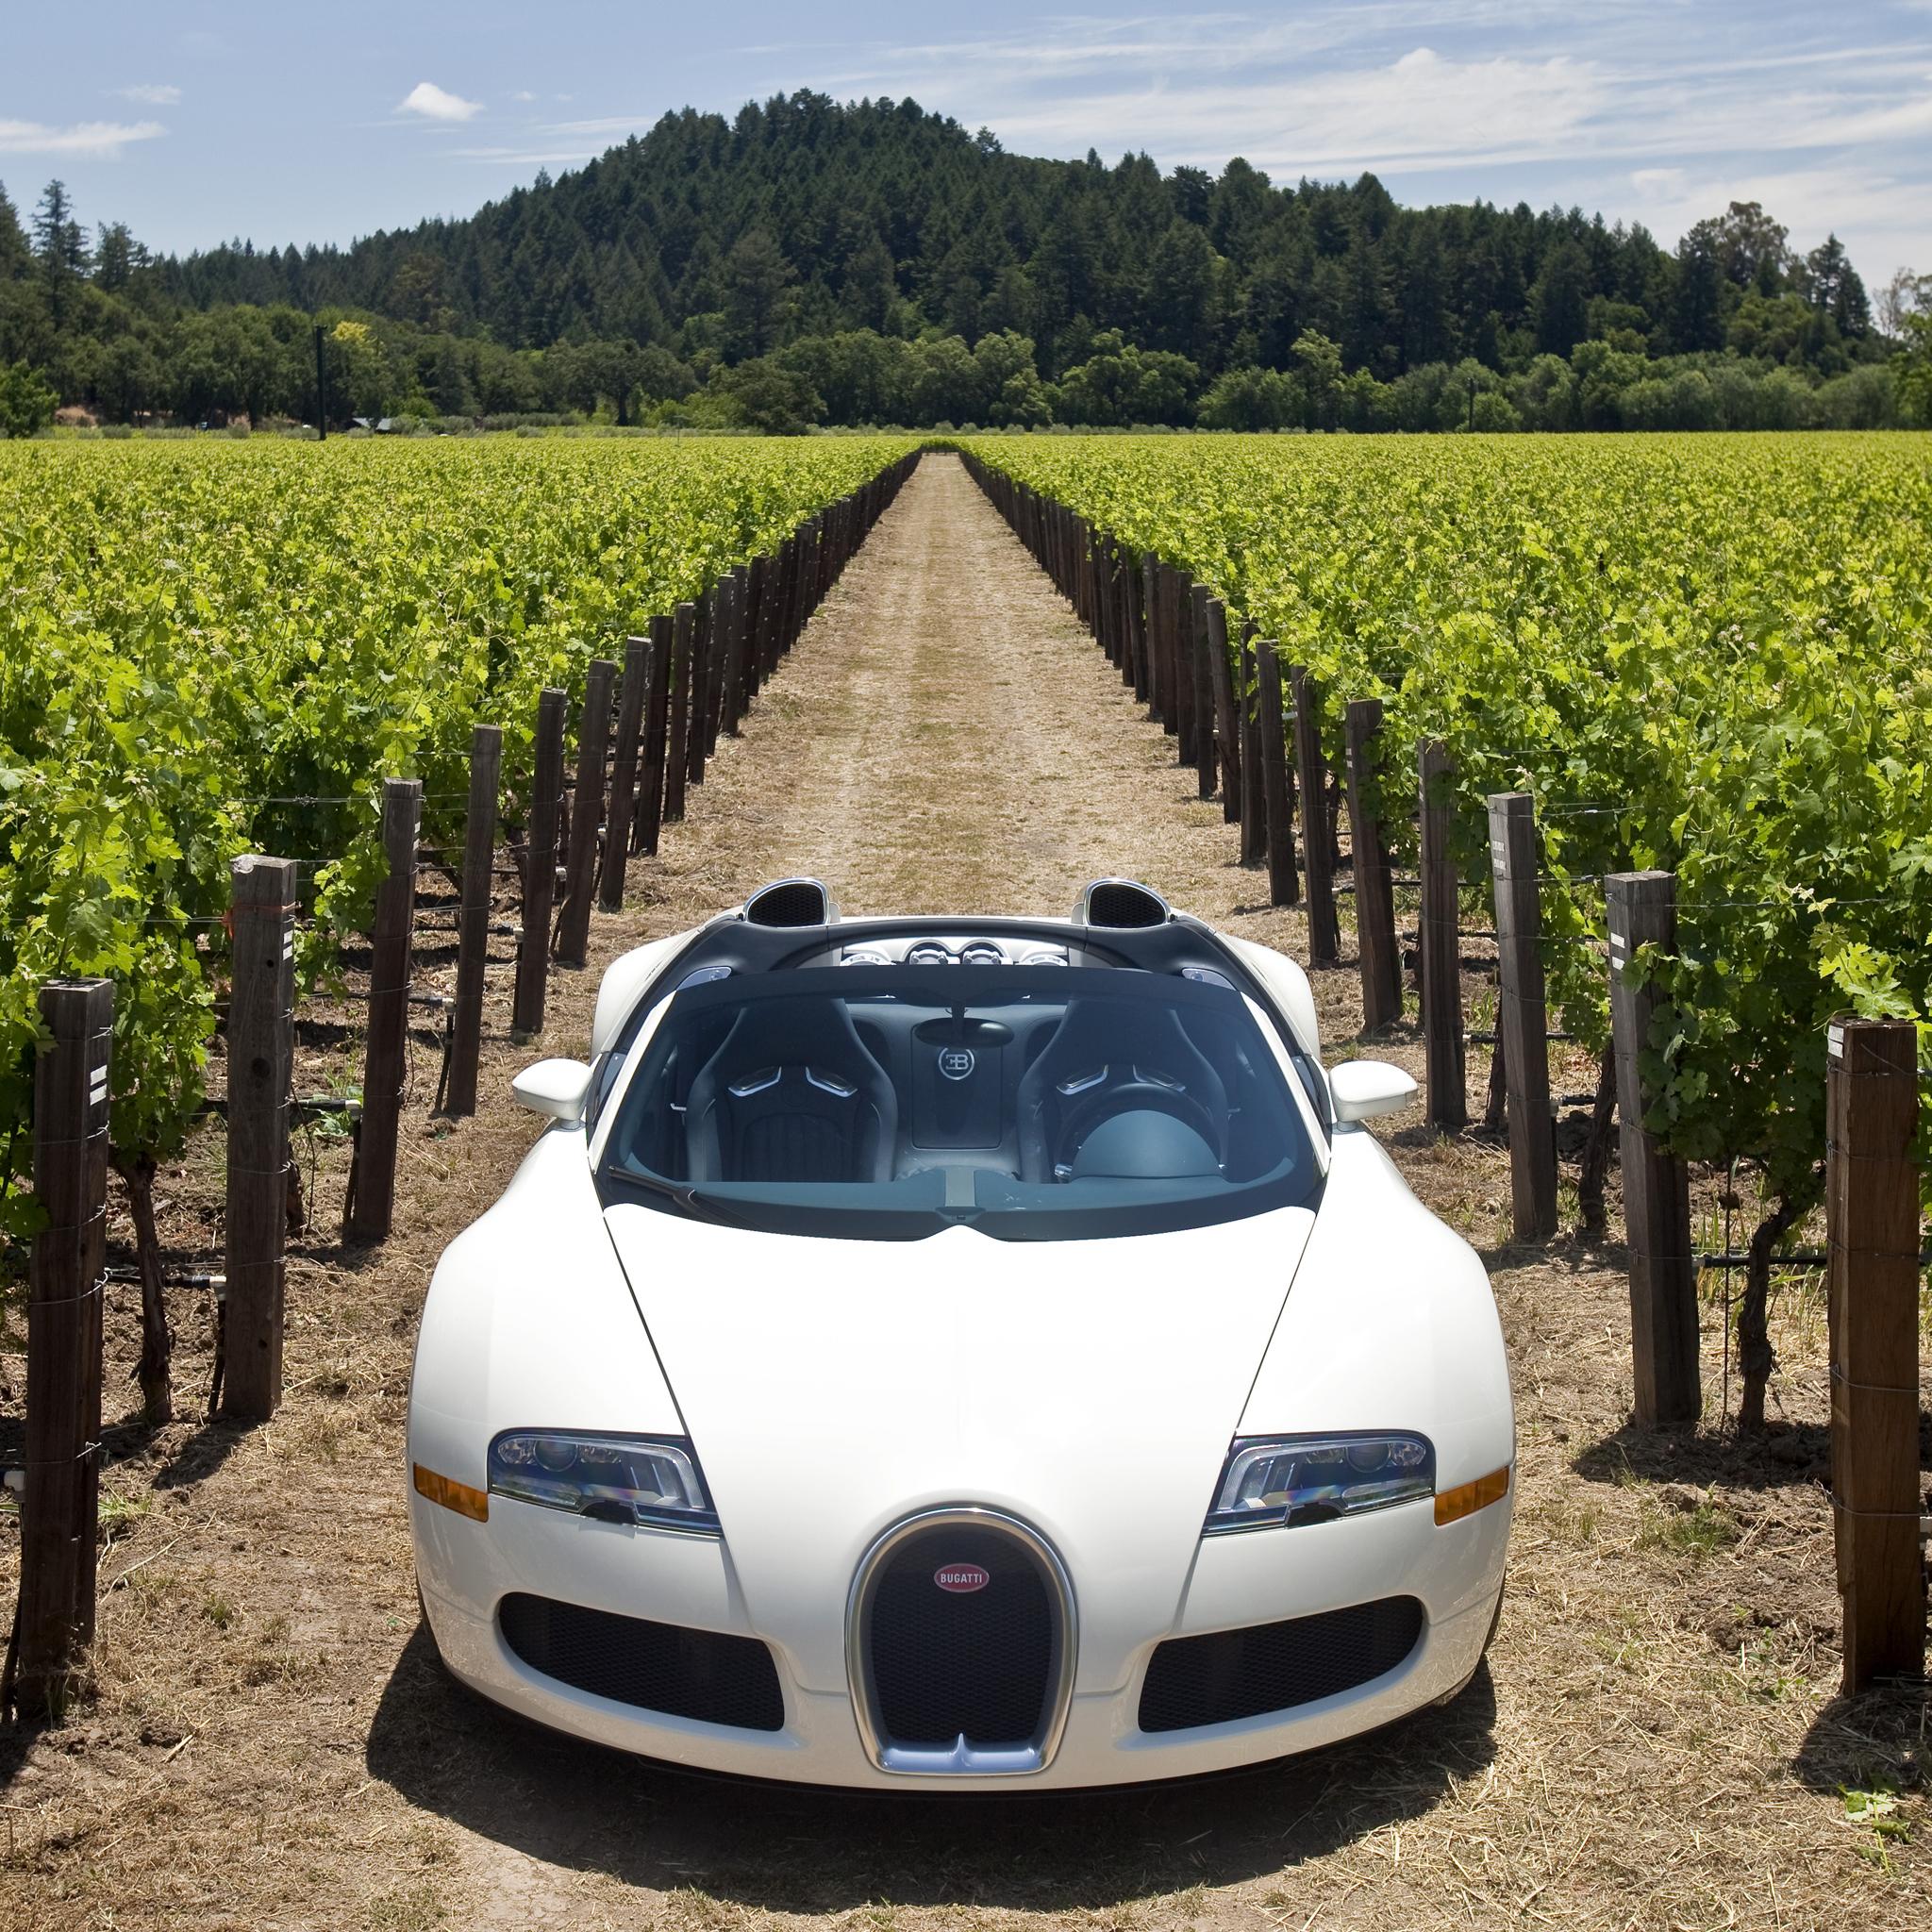 bugattiveyrone 3W iPad Bugatti Veyron Grapp   iPad